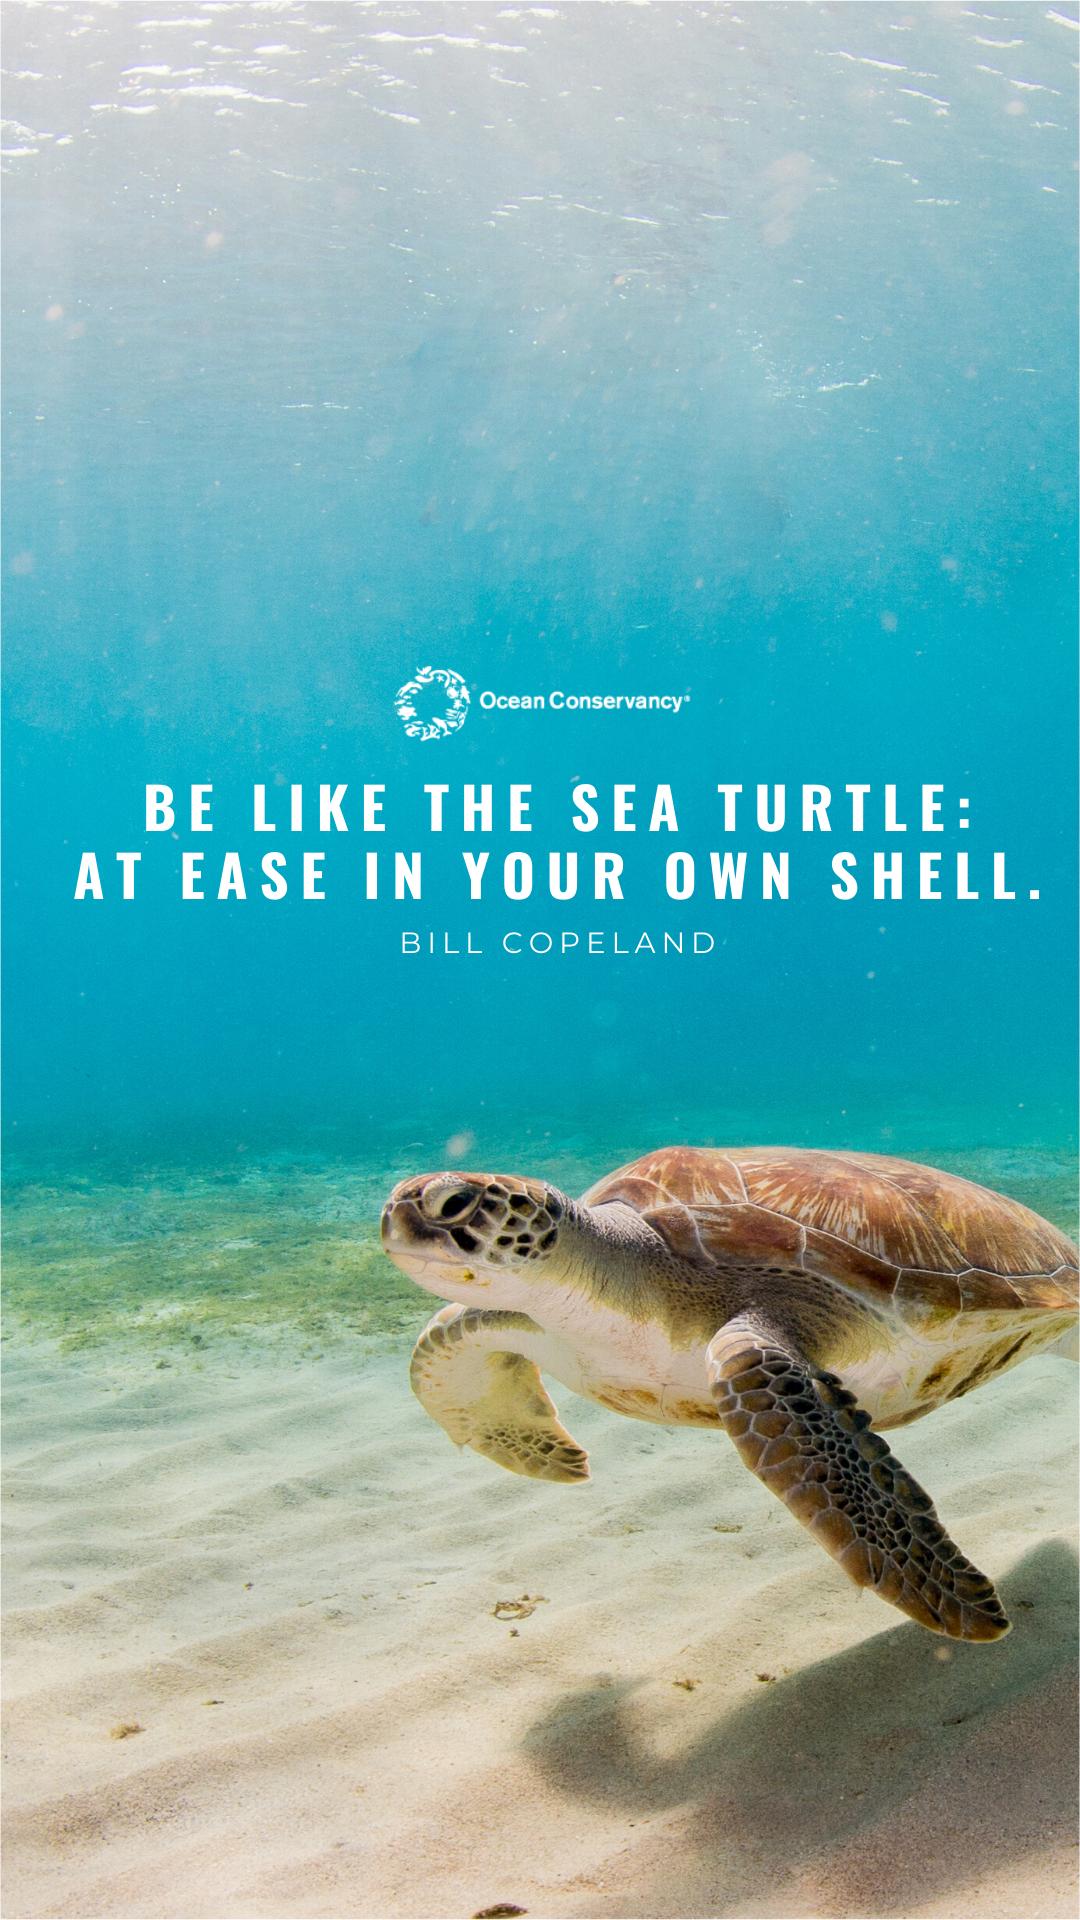 Stunning Ocean Wallpapers To Brighten Your Day Ocean Conservancy